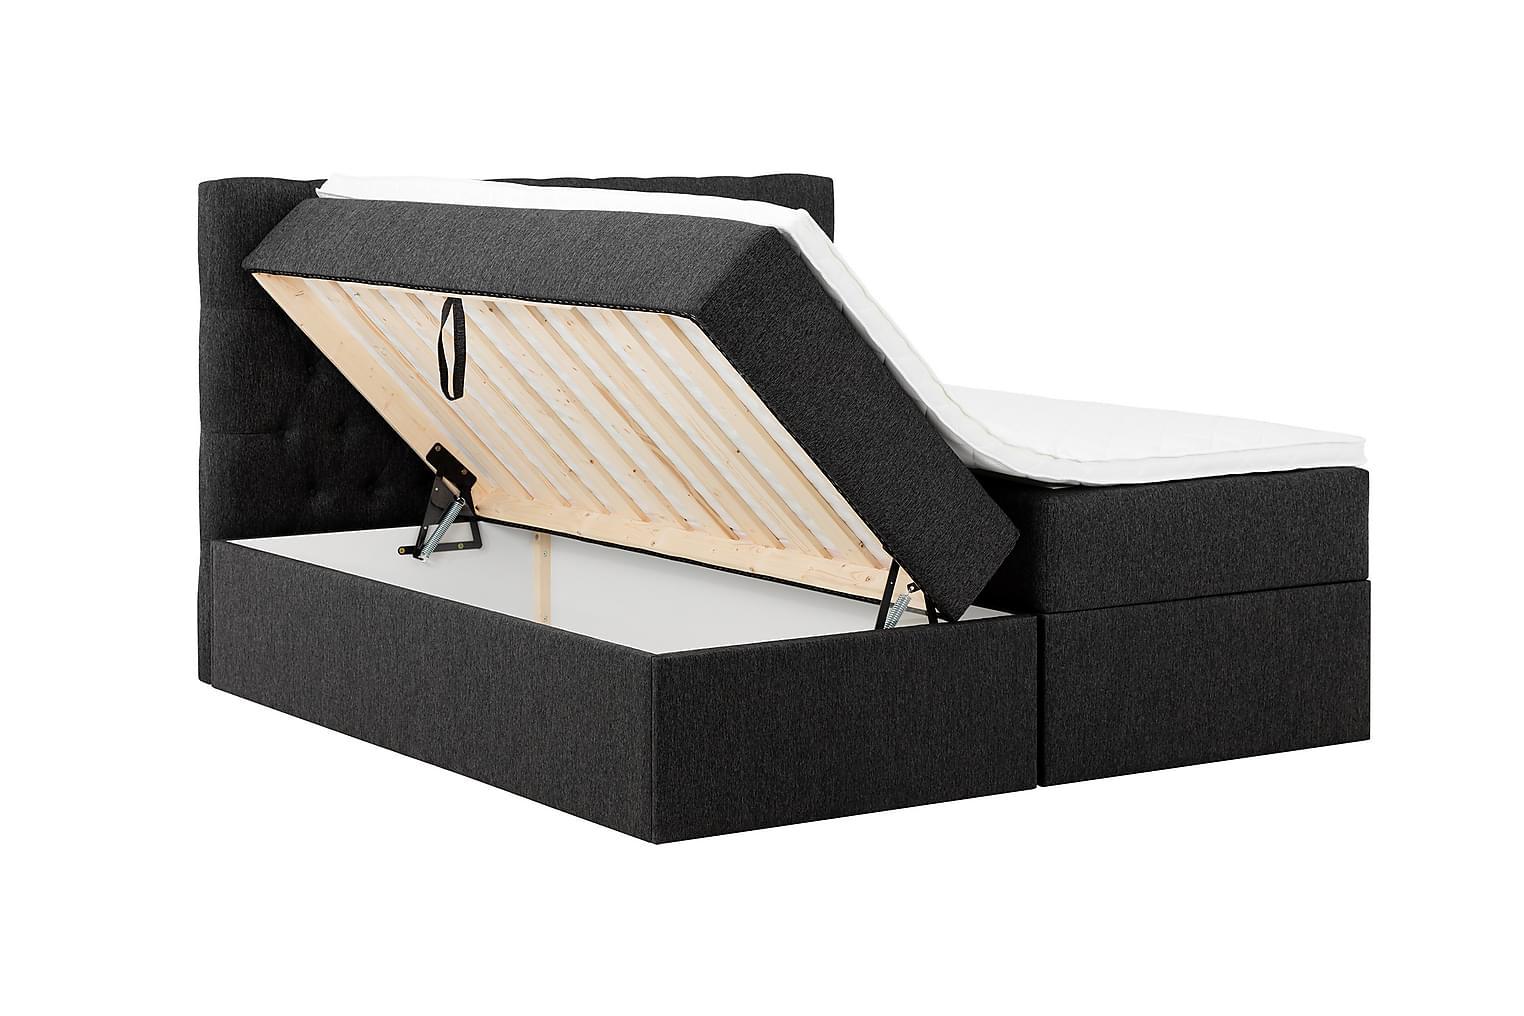 BOXBED Säilytyssänky 160 - Sänkypaketti Musta